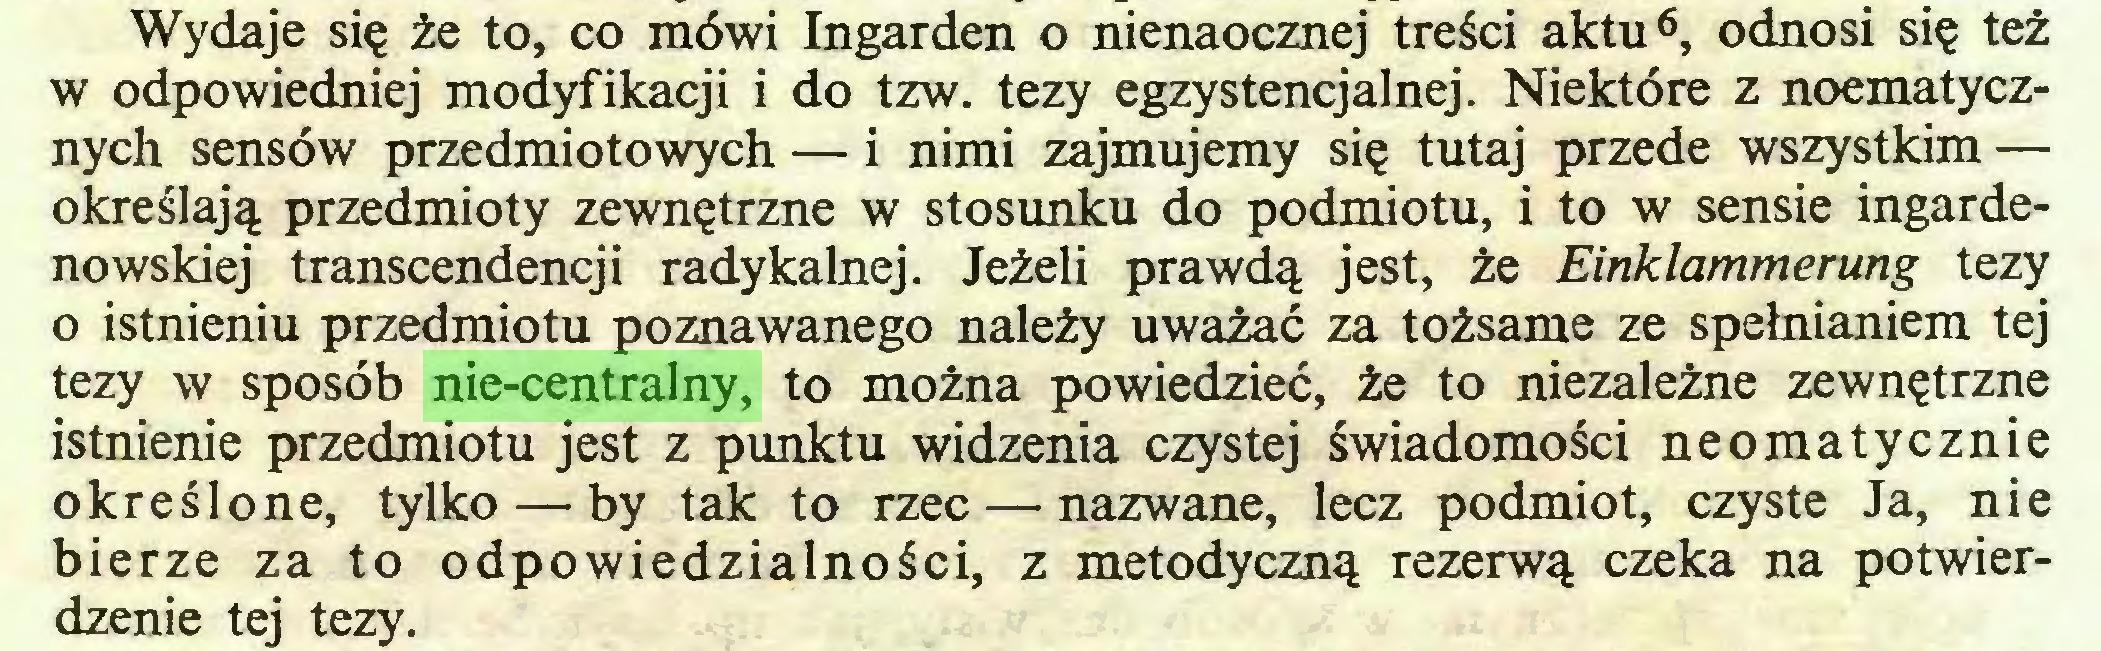 (...) Wydaje się że to, co mówi Ingarden o nienaocznej treści aktu6, odnosi się też w odpowiedniej modyfikacji i do tzw. tezy egzystencjalnej. Niektóre z noematycznych sensów przedmiotowych — i nimi zajmujemy się tutaj przede wszystkim — określają przedmioty zewnętrzne w stosunku do podmiotu, i to w sensie ingardenowskiej transcendencji radykalnej. Jeżeli prawdą jest, że Einklammerung tezy 0 istnieniu przedmiotu poznawanego należy uważać za tożsame ze spełnianiem tej tezy w sposób nie-centralny, to można powiedzieć, że to niezależne zewnętrzne istnienie przedmiotu jest z punktu widzenia czystej świadomości neomatycznie określone, tylko — by tak to rzec — nazwane, lecz podmiot, czyste Ja, nie bierze za to odpowiedzialności, z metodyczną rezerwą czeka na potwierdzenie tej tezy...